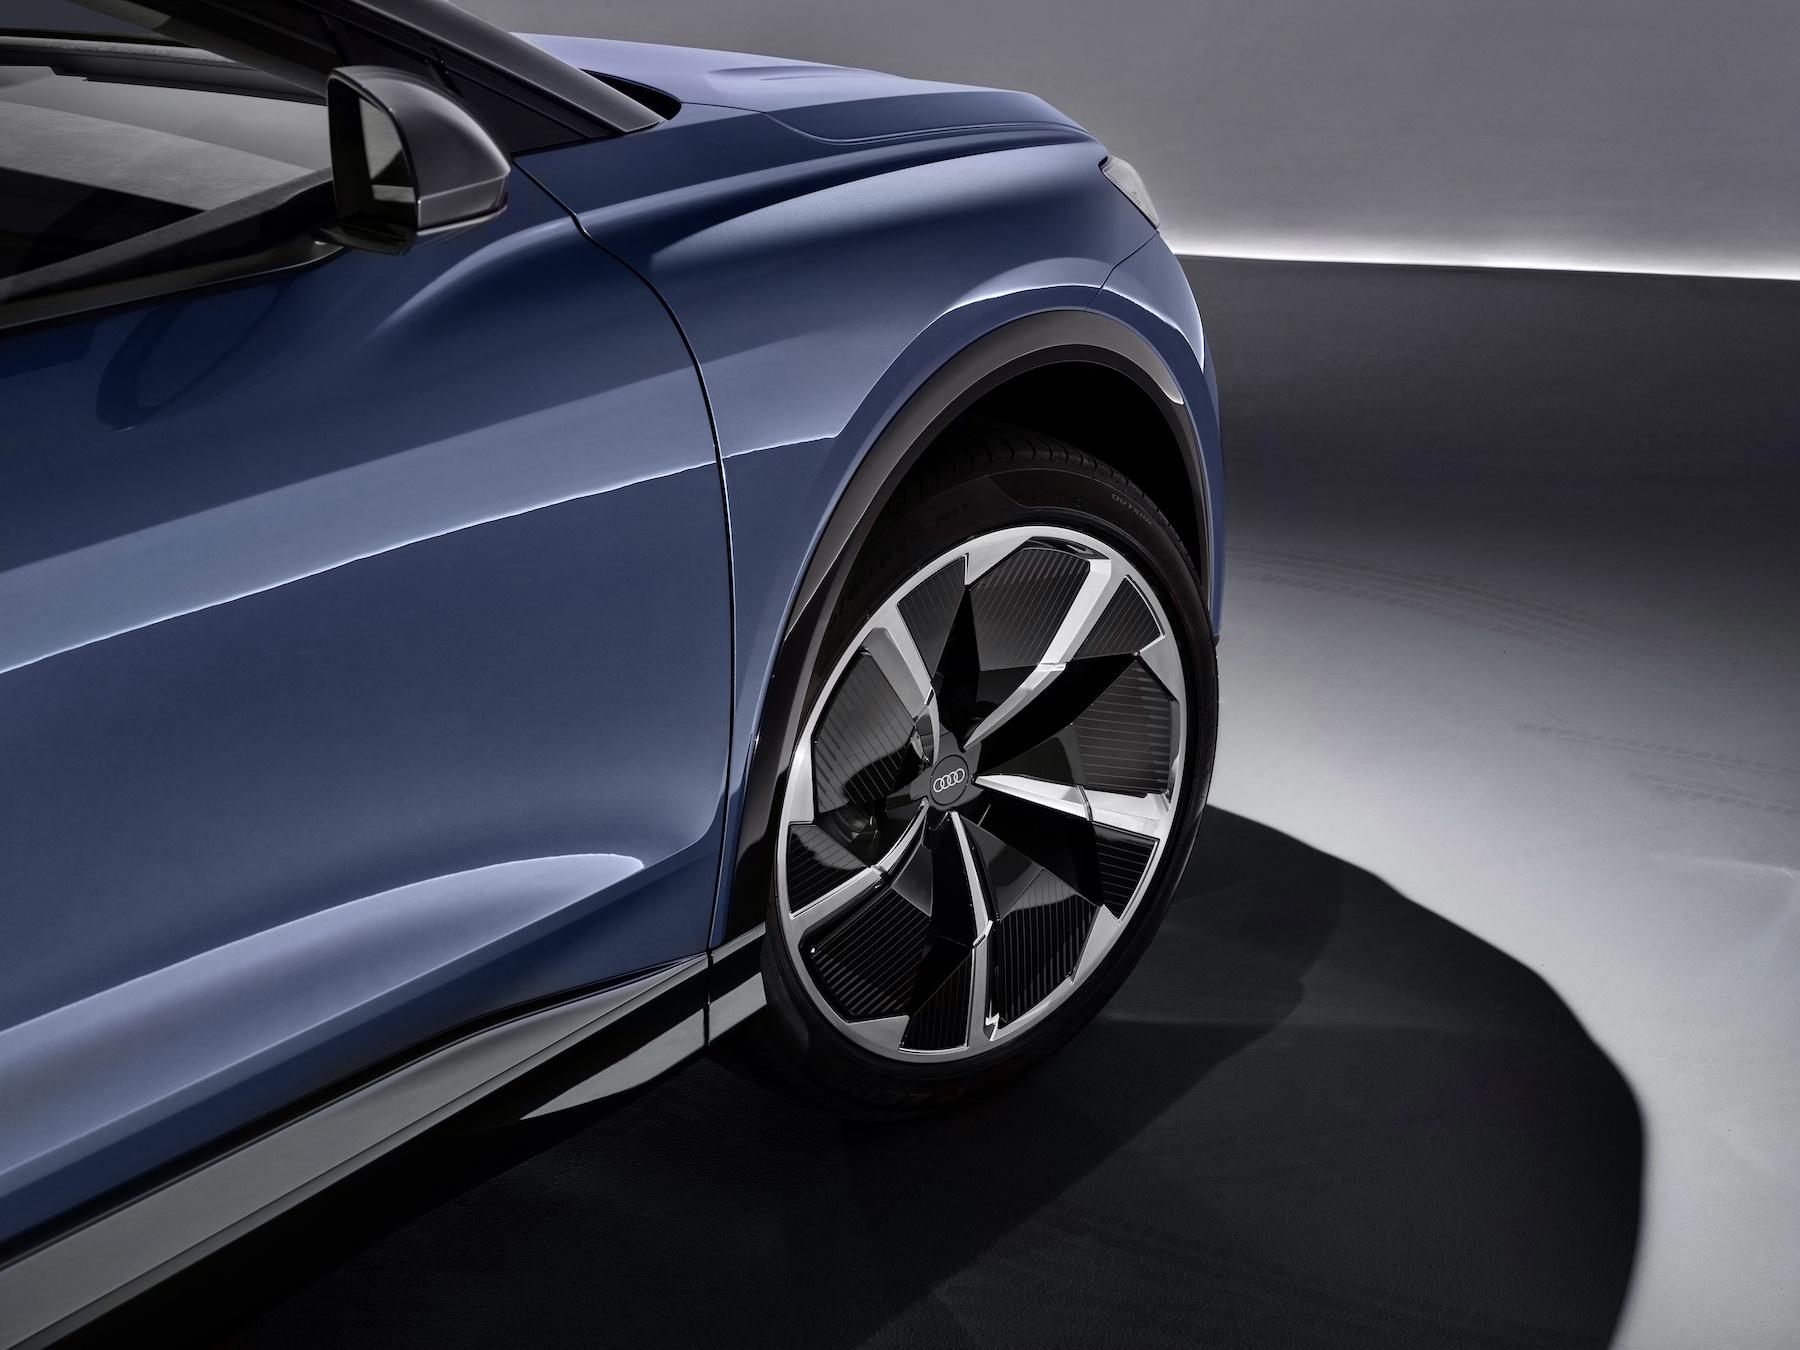 Le bloc batterie étant monté sous l'habitacle, le centre de gravité de l'Audi Q4 e-tron concept est aussi bas que celui d'une berline. (AUDI)